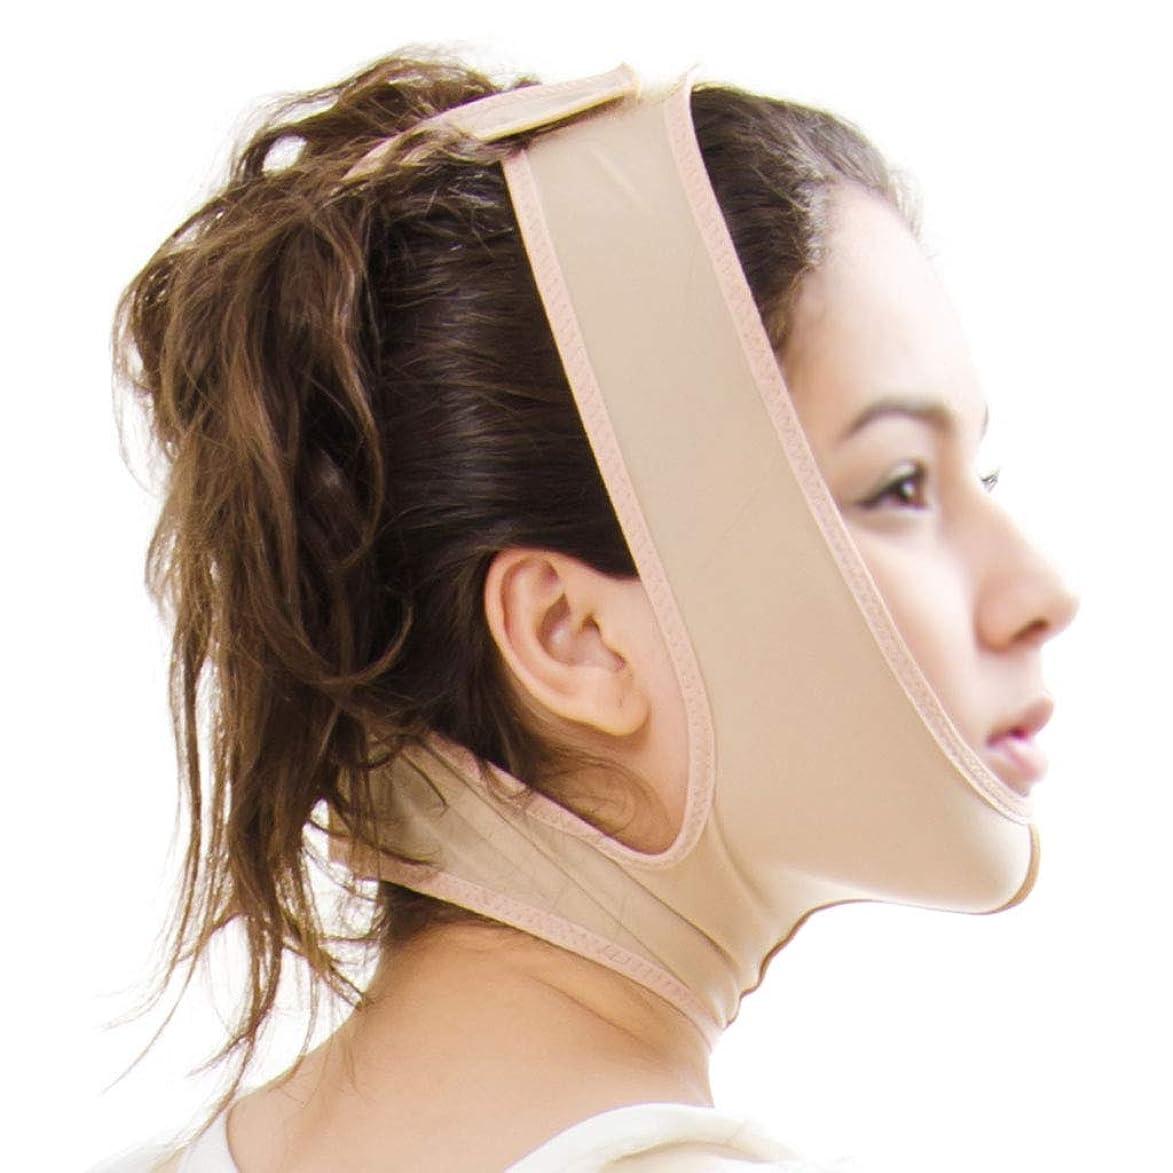 うめき声渦去るGLJJQMY 顔面リフティング包帯あごの首と首の二重あごの脂肪吸引術後創傷マスク 顔用整形マスク (Size : S)